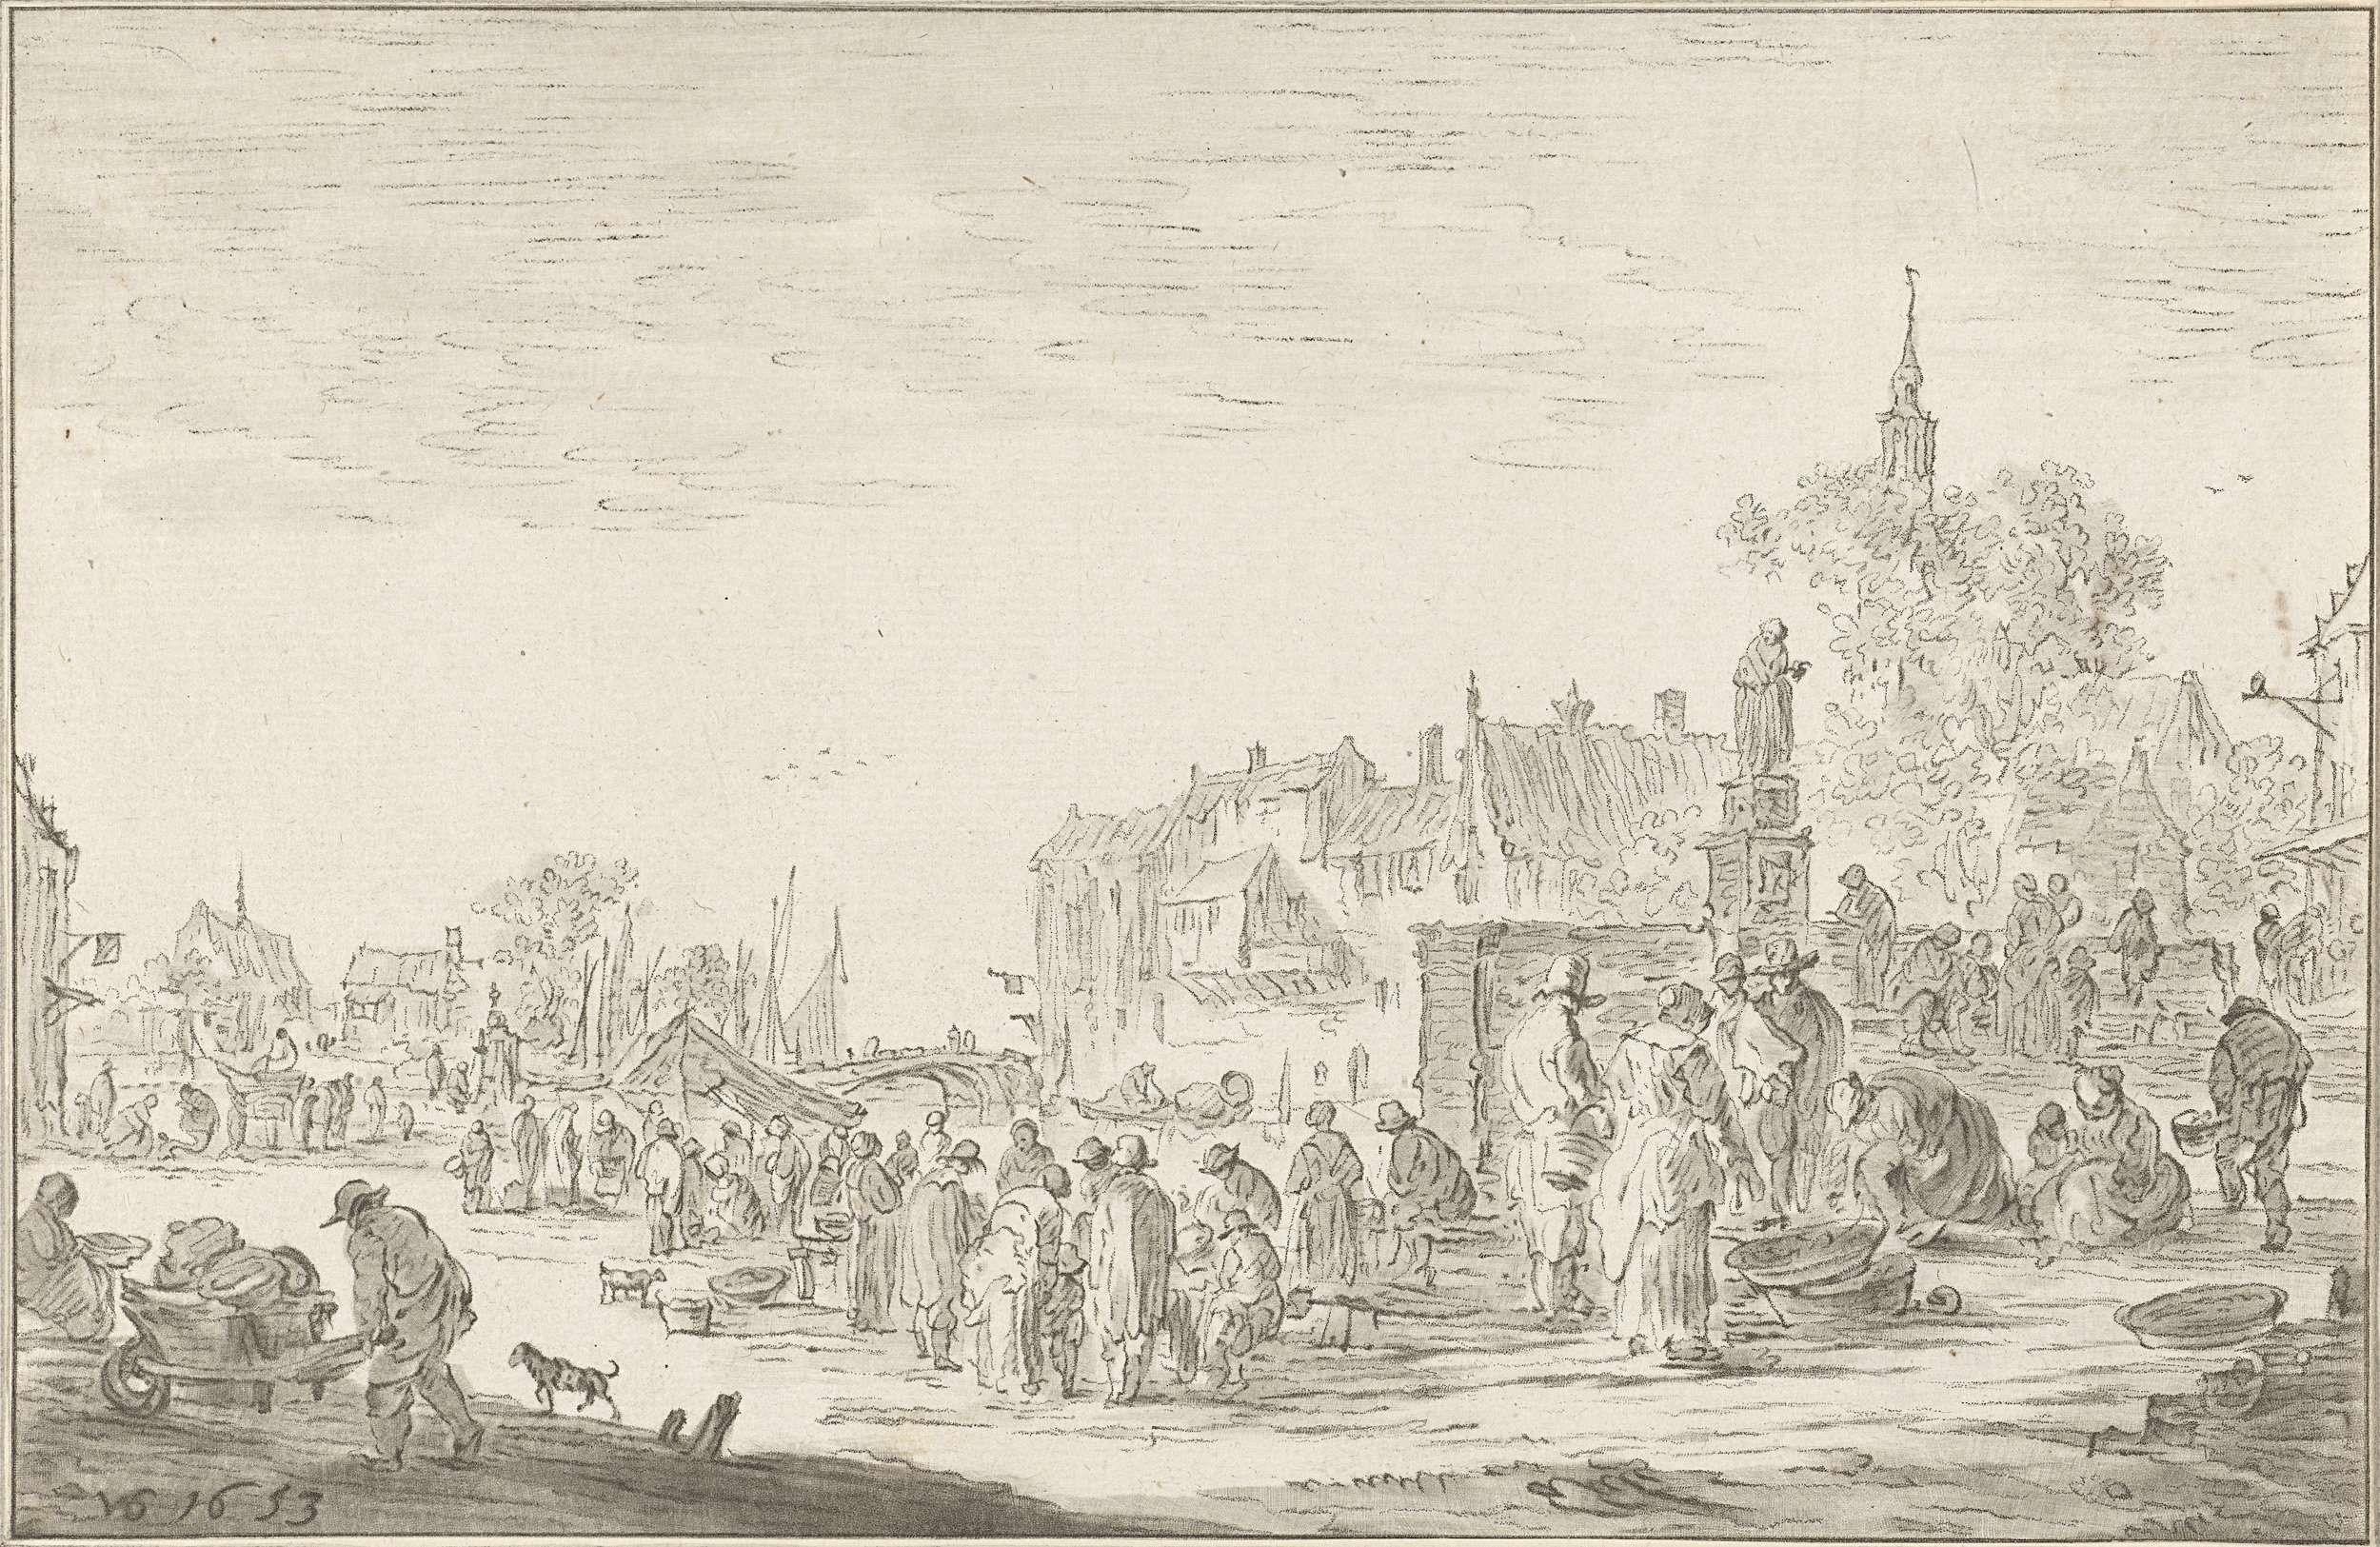 Cornelis Ploos van Amstel | Vismarkt, Cornelis Ploos van Amstel, 1767 | Bij het water in een stad komen mensen bijeen om vis te kopen en te verkopen. Rechts een standbeeld.